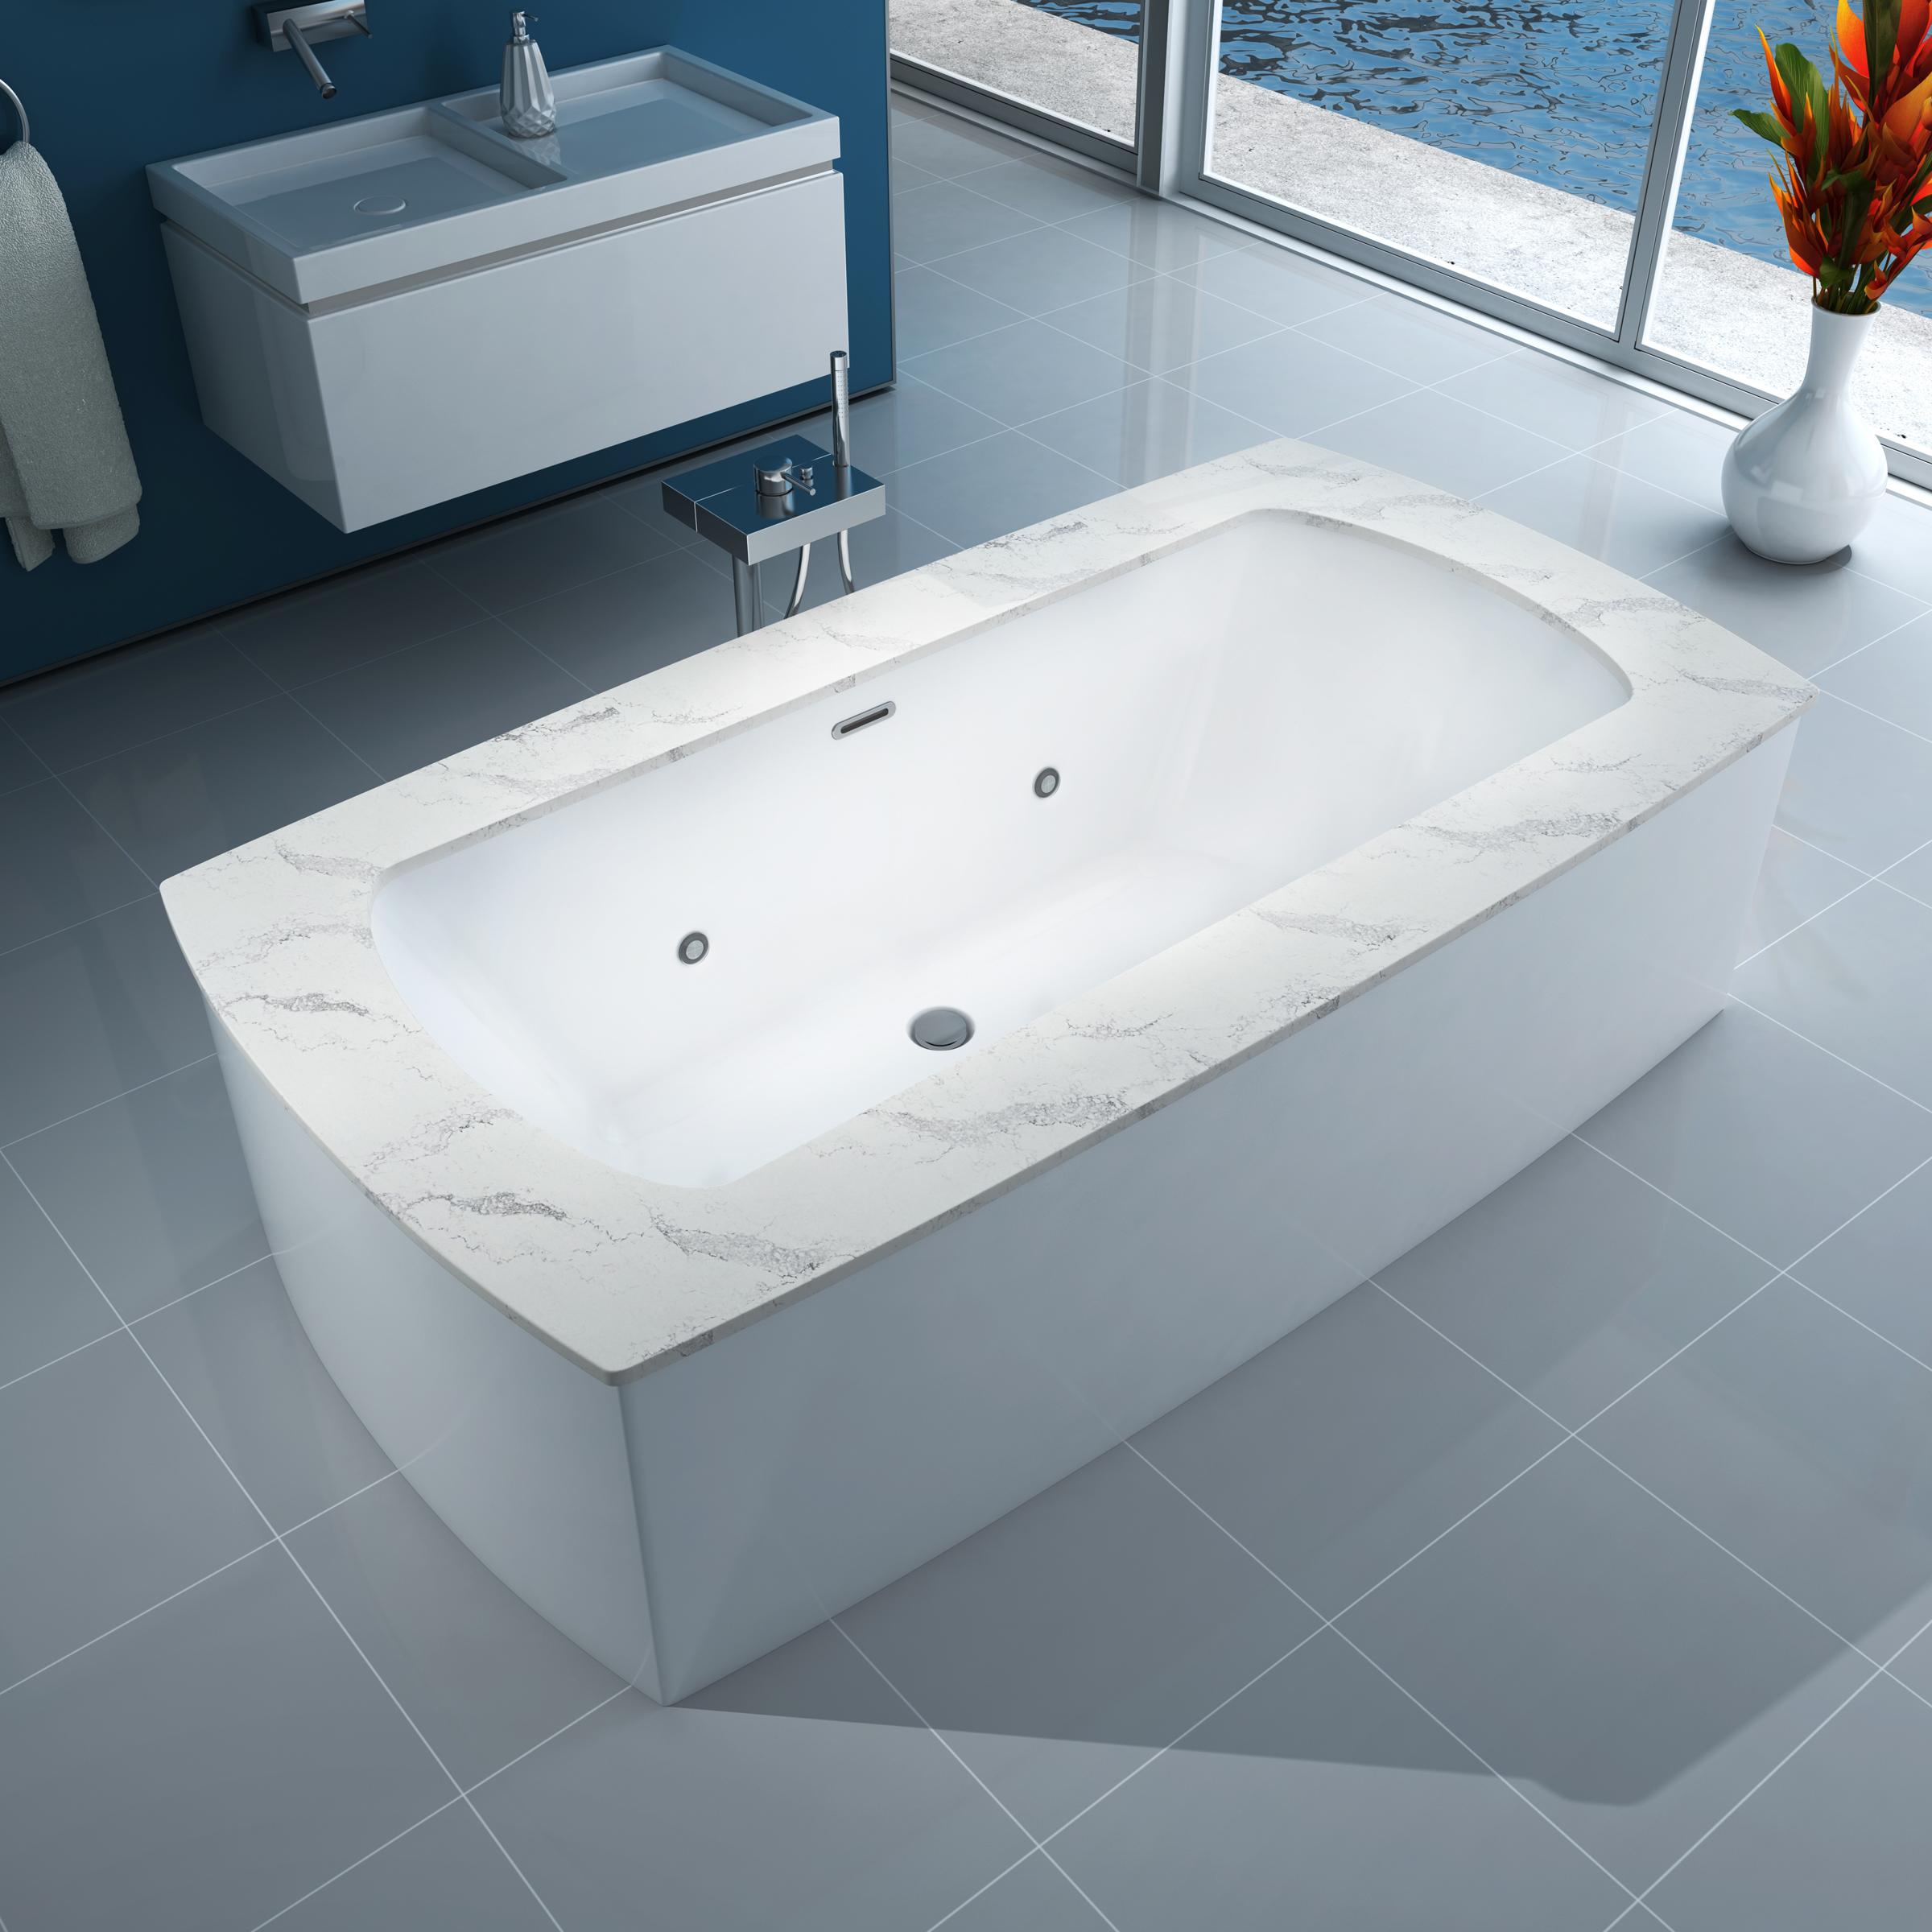 Bain Ultra Monarch Statuario Therapeutic Baths